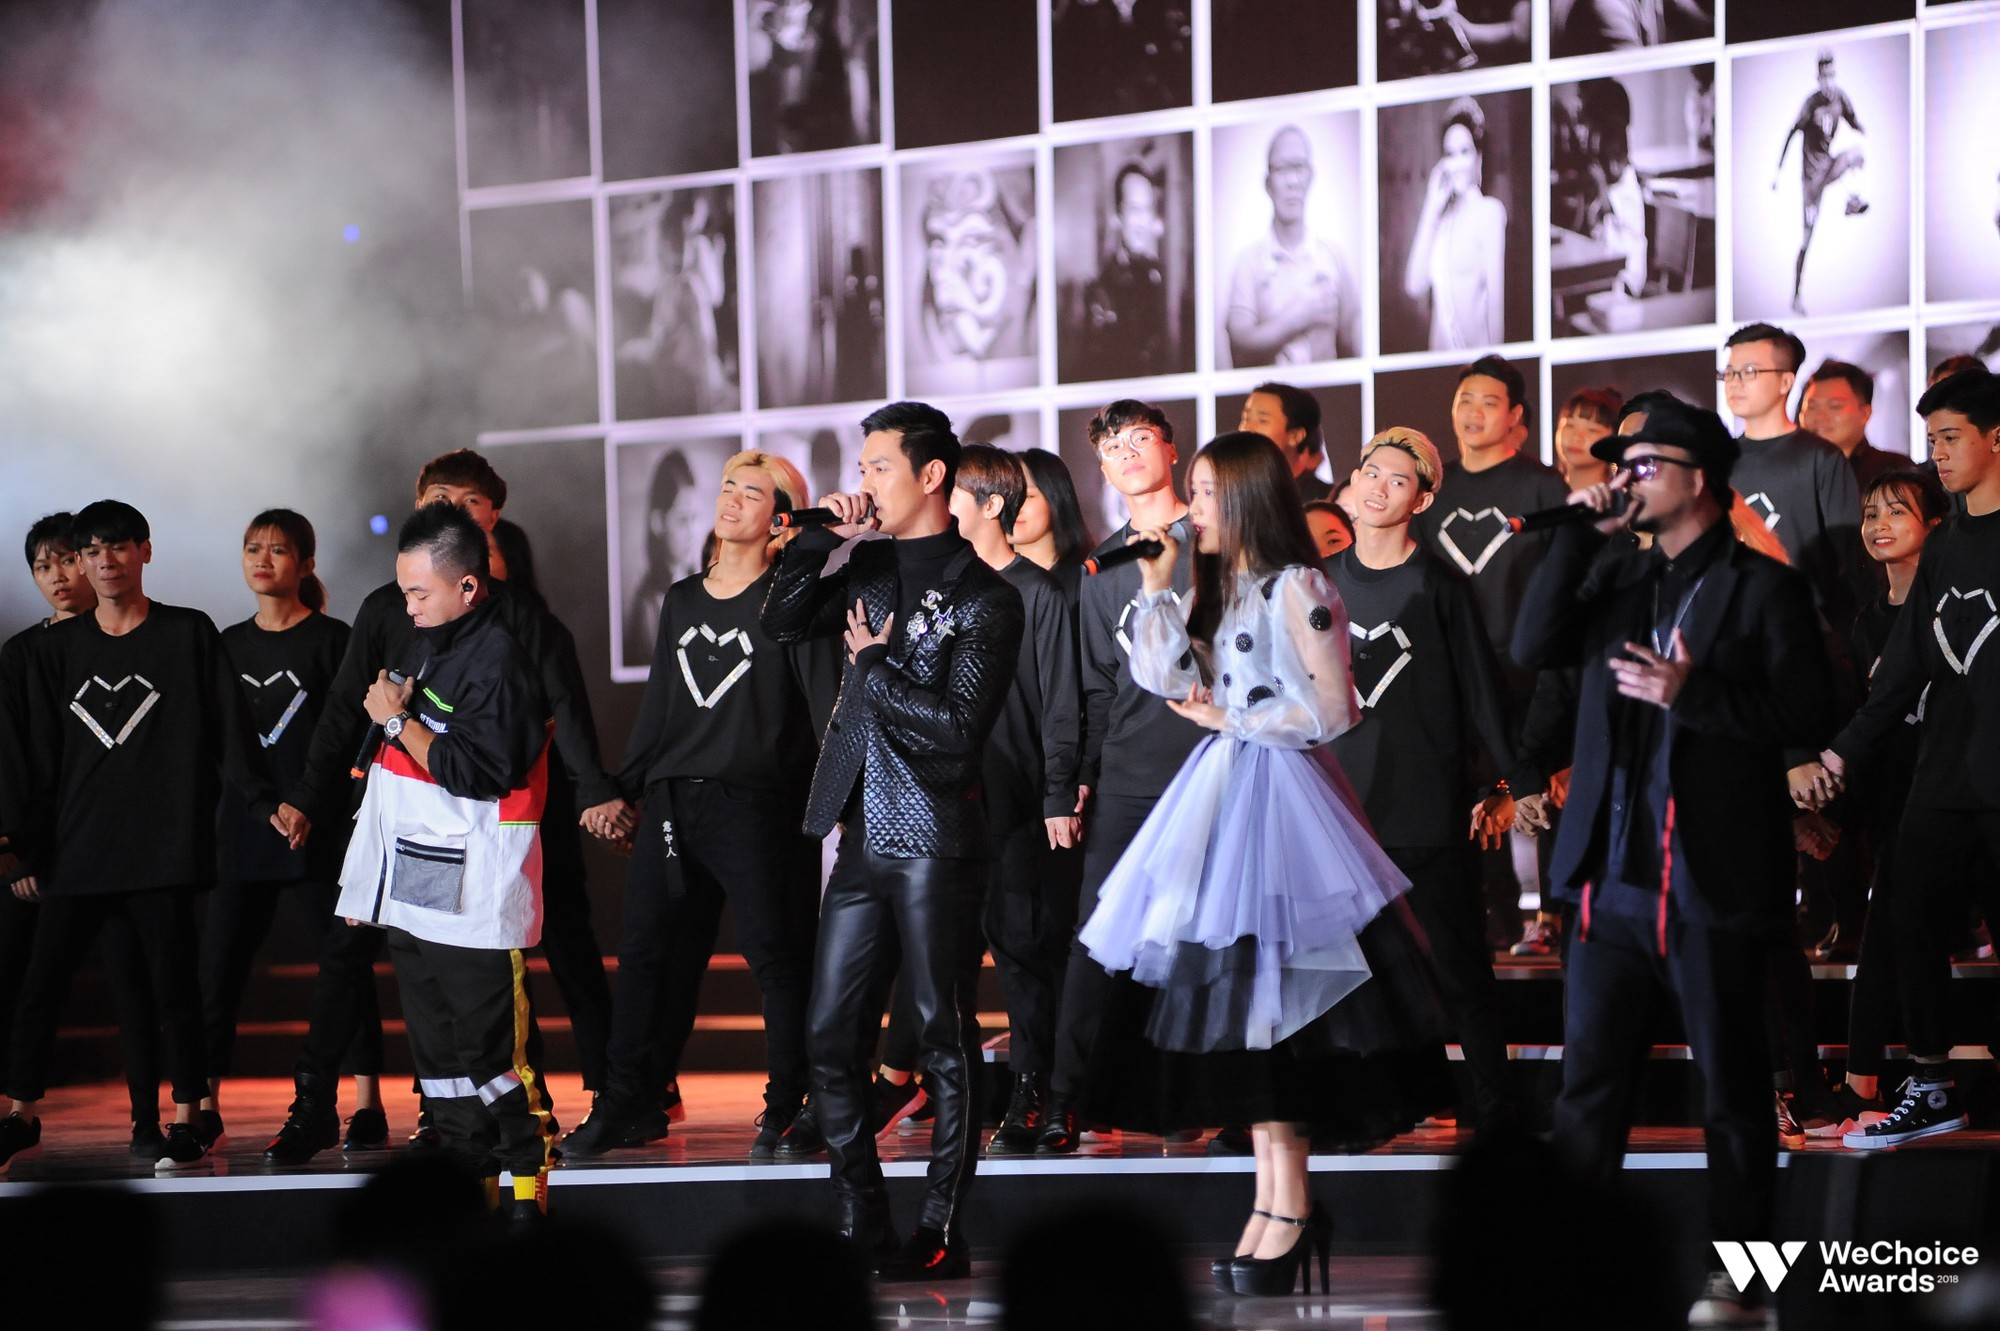 Nghe trọn vẹn thông điệp Mặt trời ẩn trong tim bằng âm nhạc đầy cảm xúc trên sân khấu Gala WeChoice Awards 2018 - Ảnh 2.